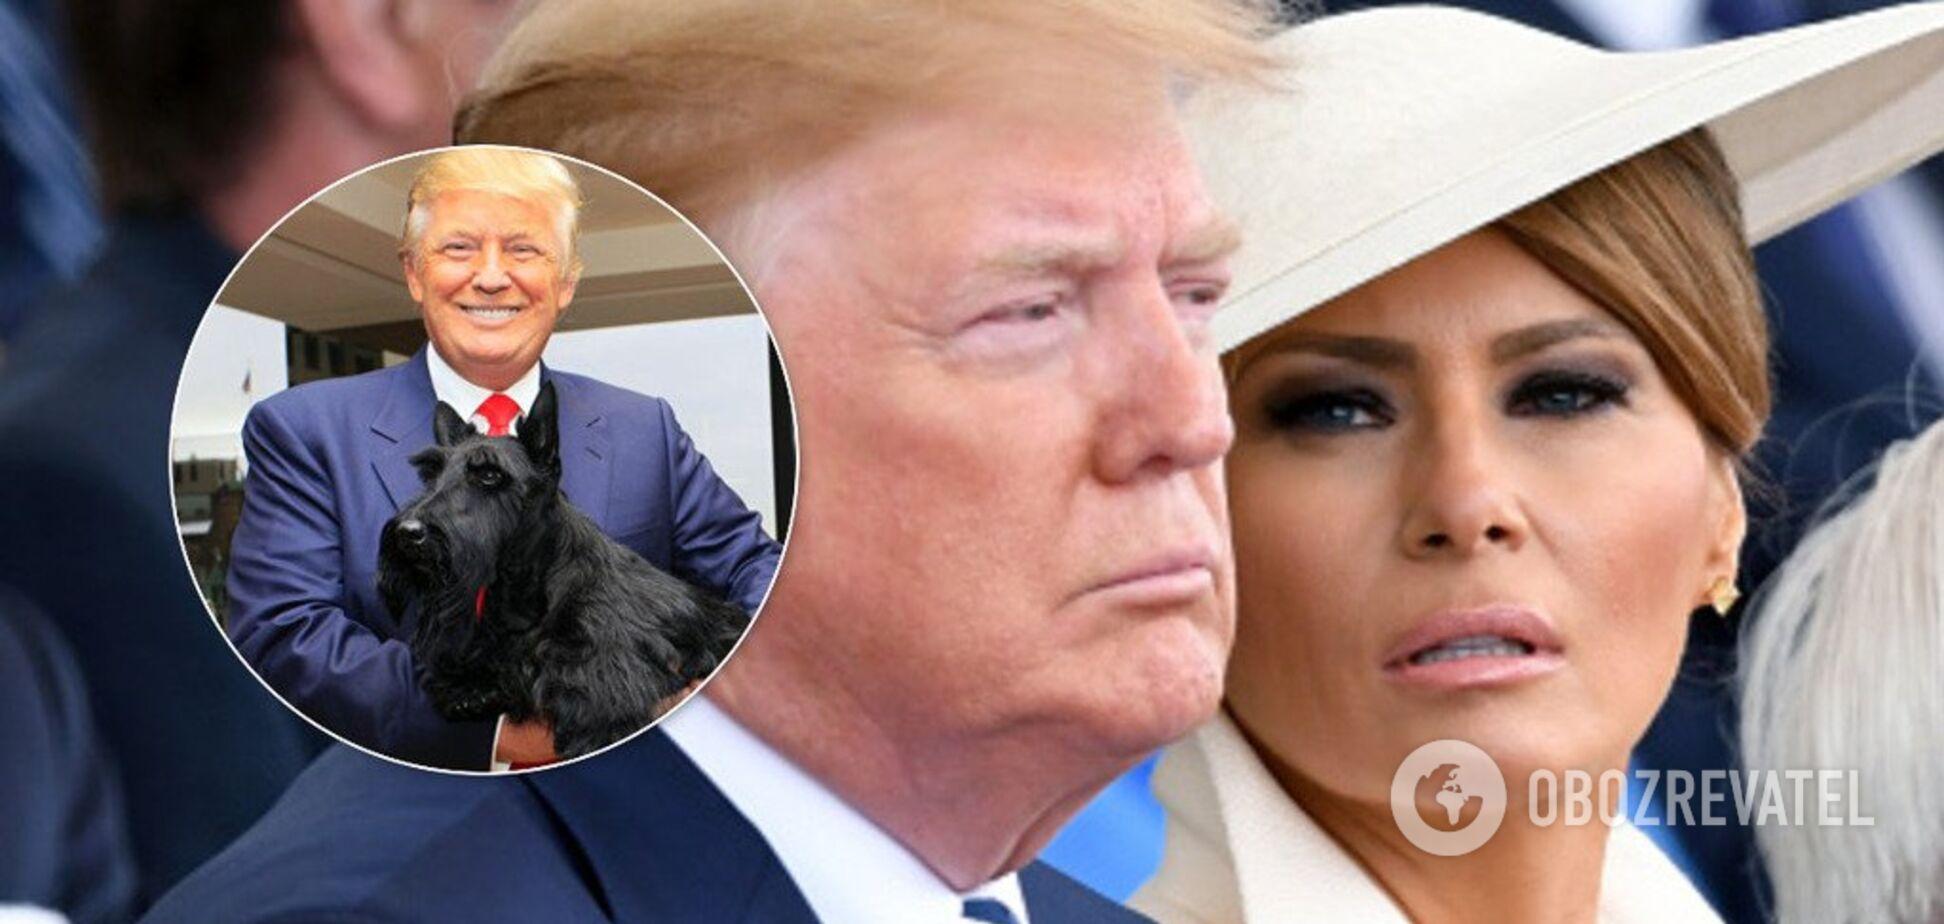 'Підкликає, як собаку': Трамп обурив соцмережі хамським поводженням із дружиною